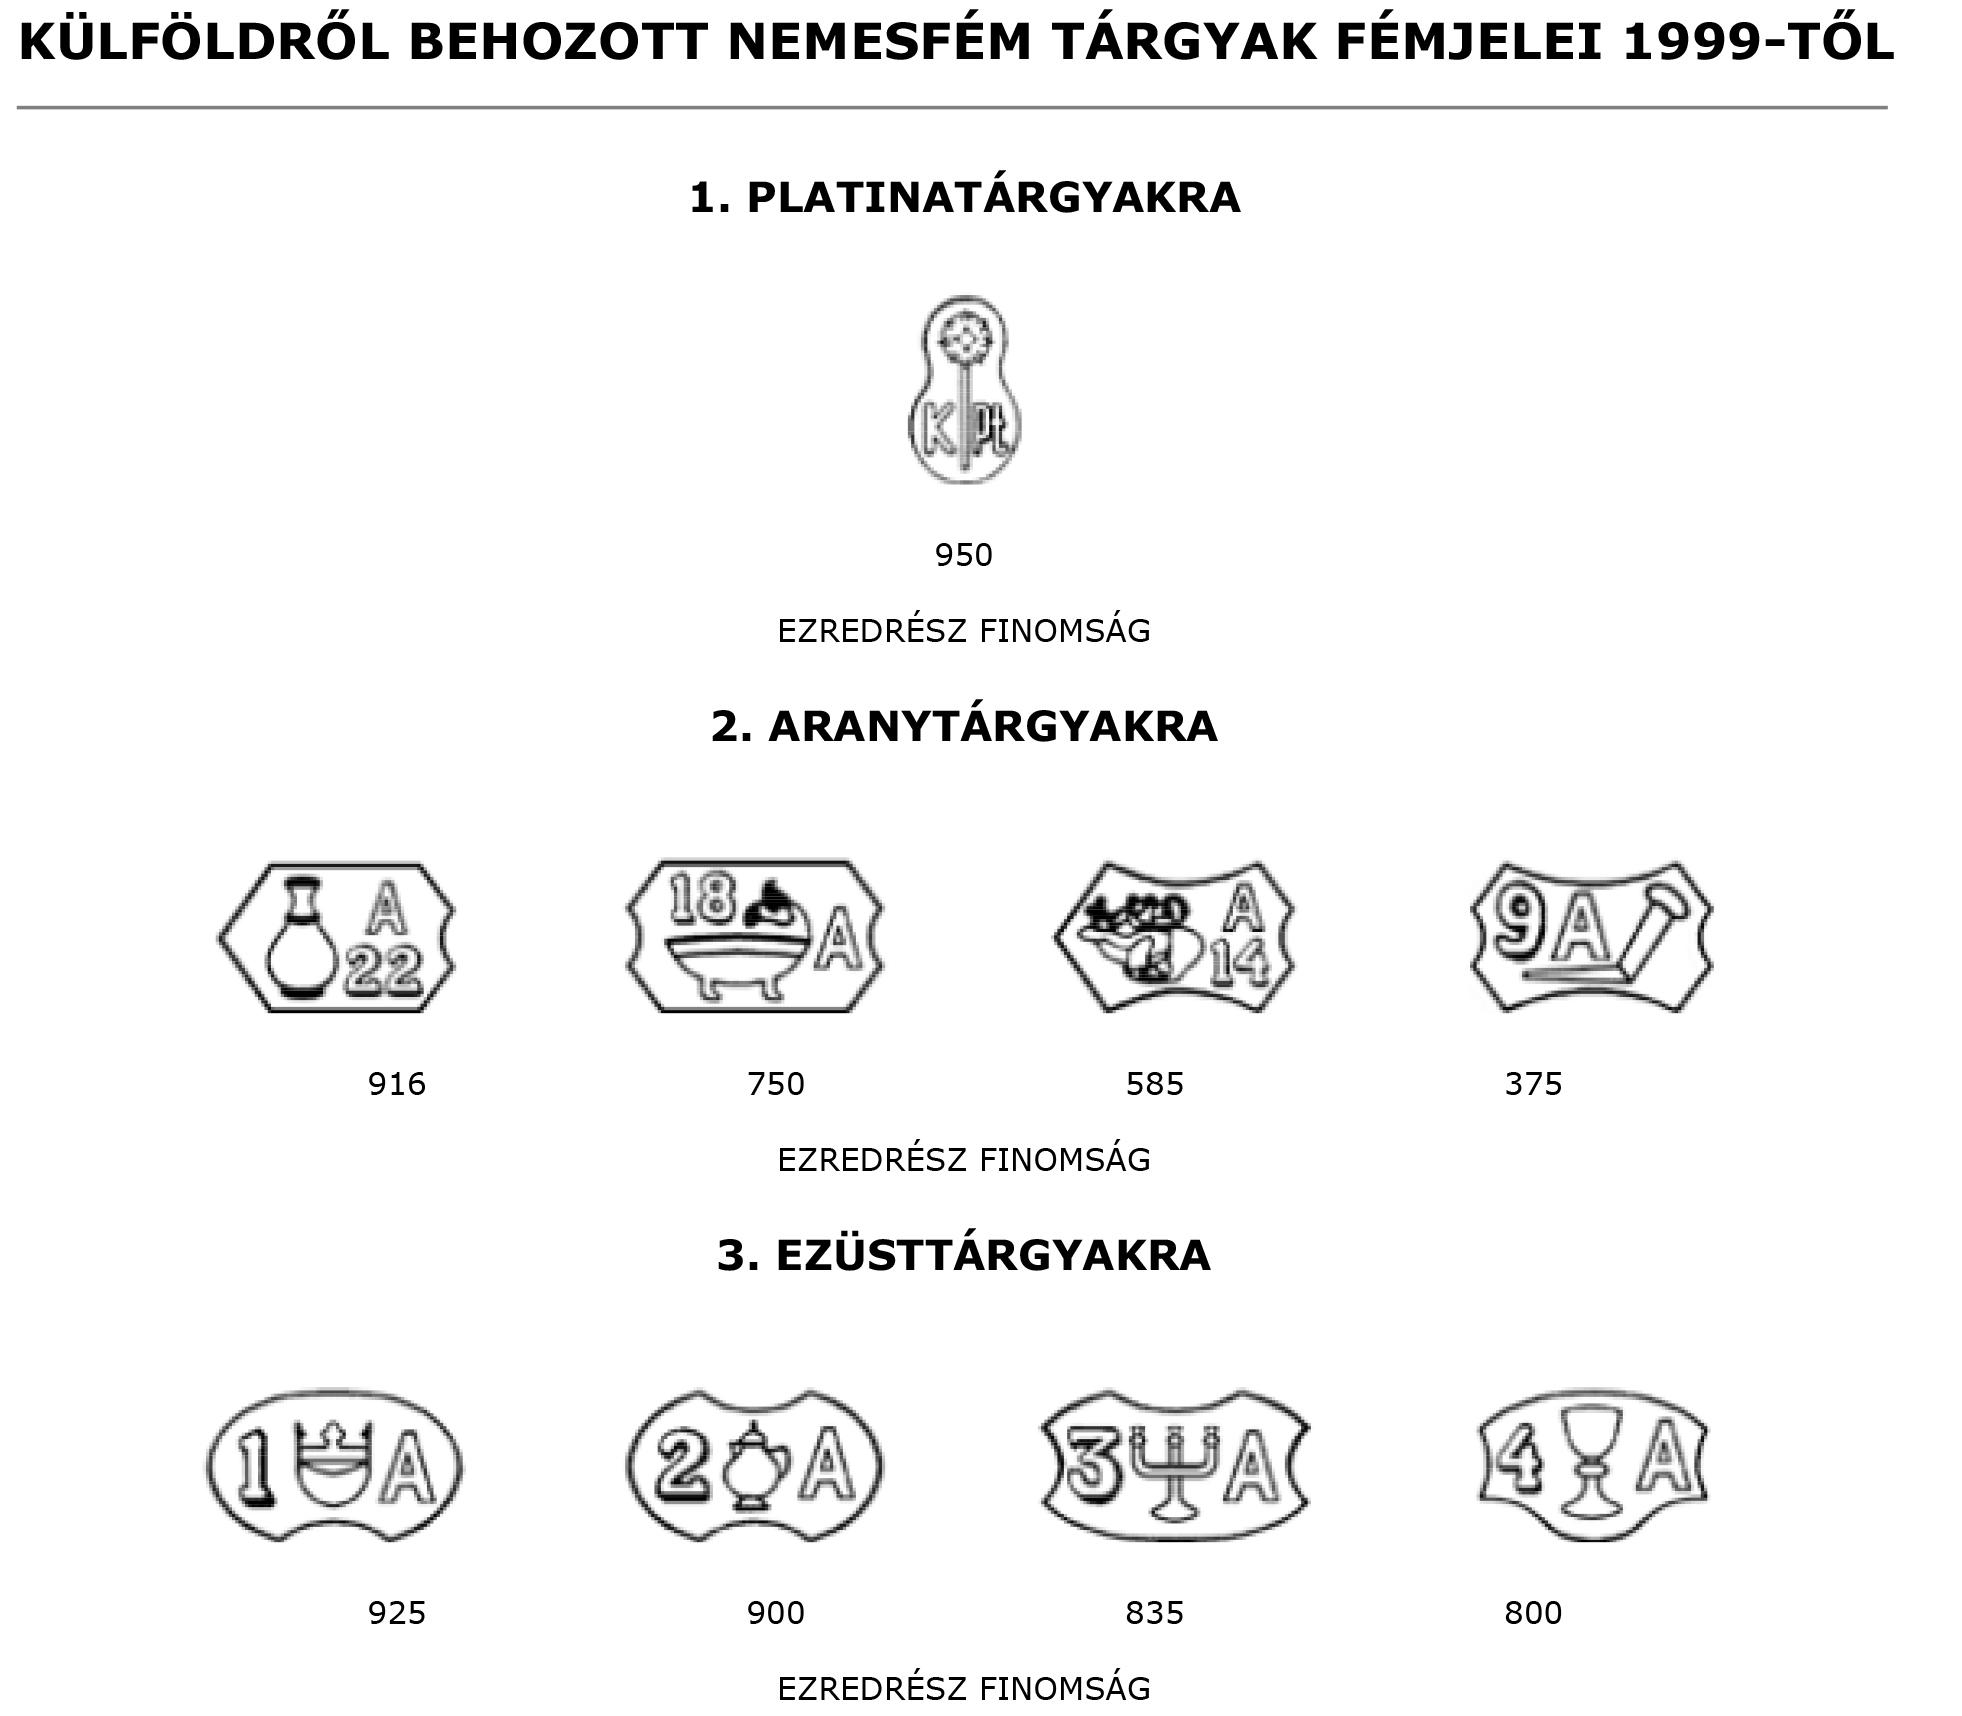 1999 Külföld Fémjelek